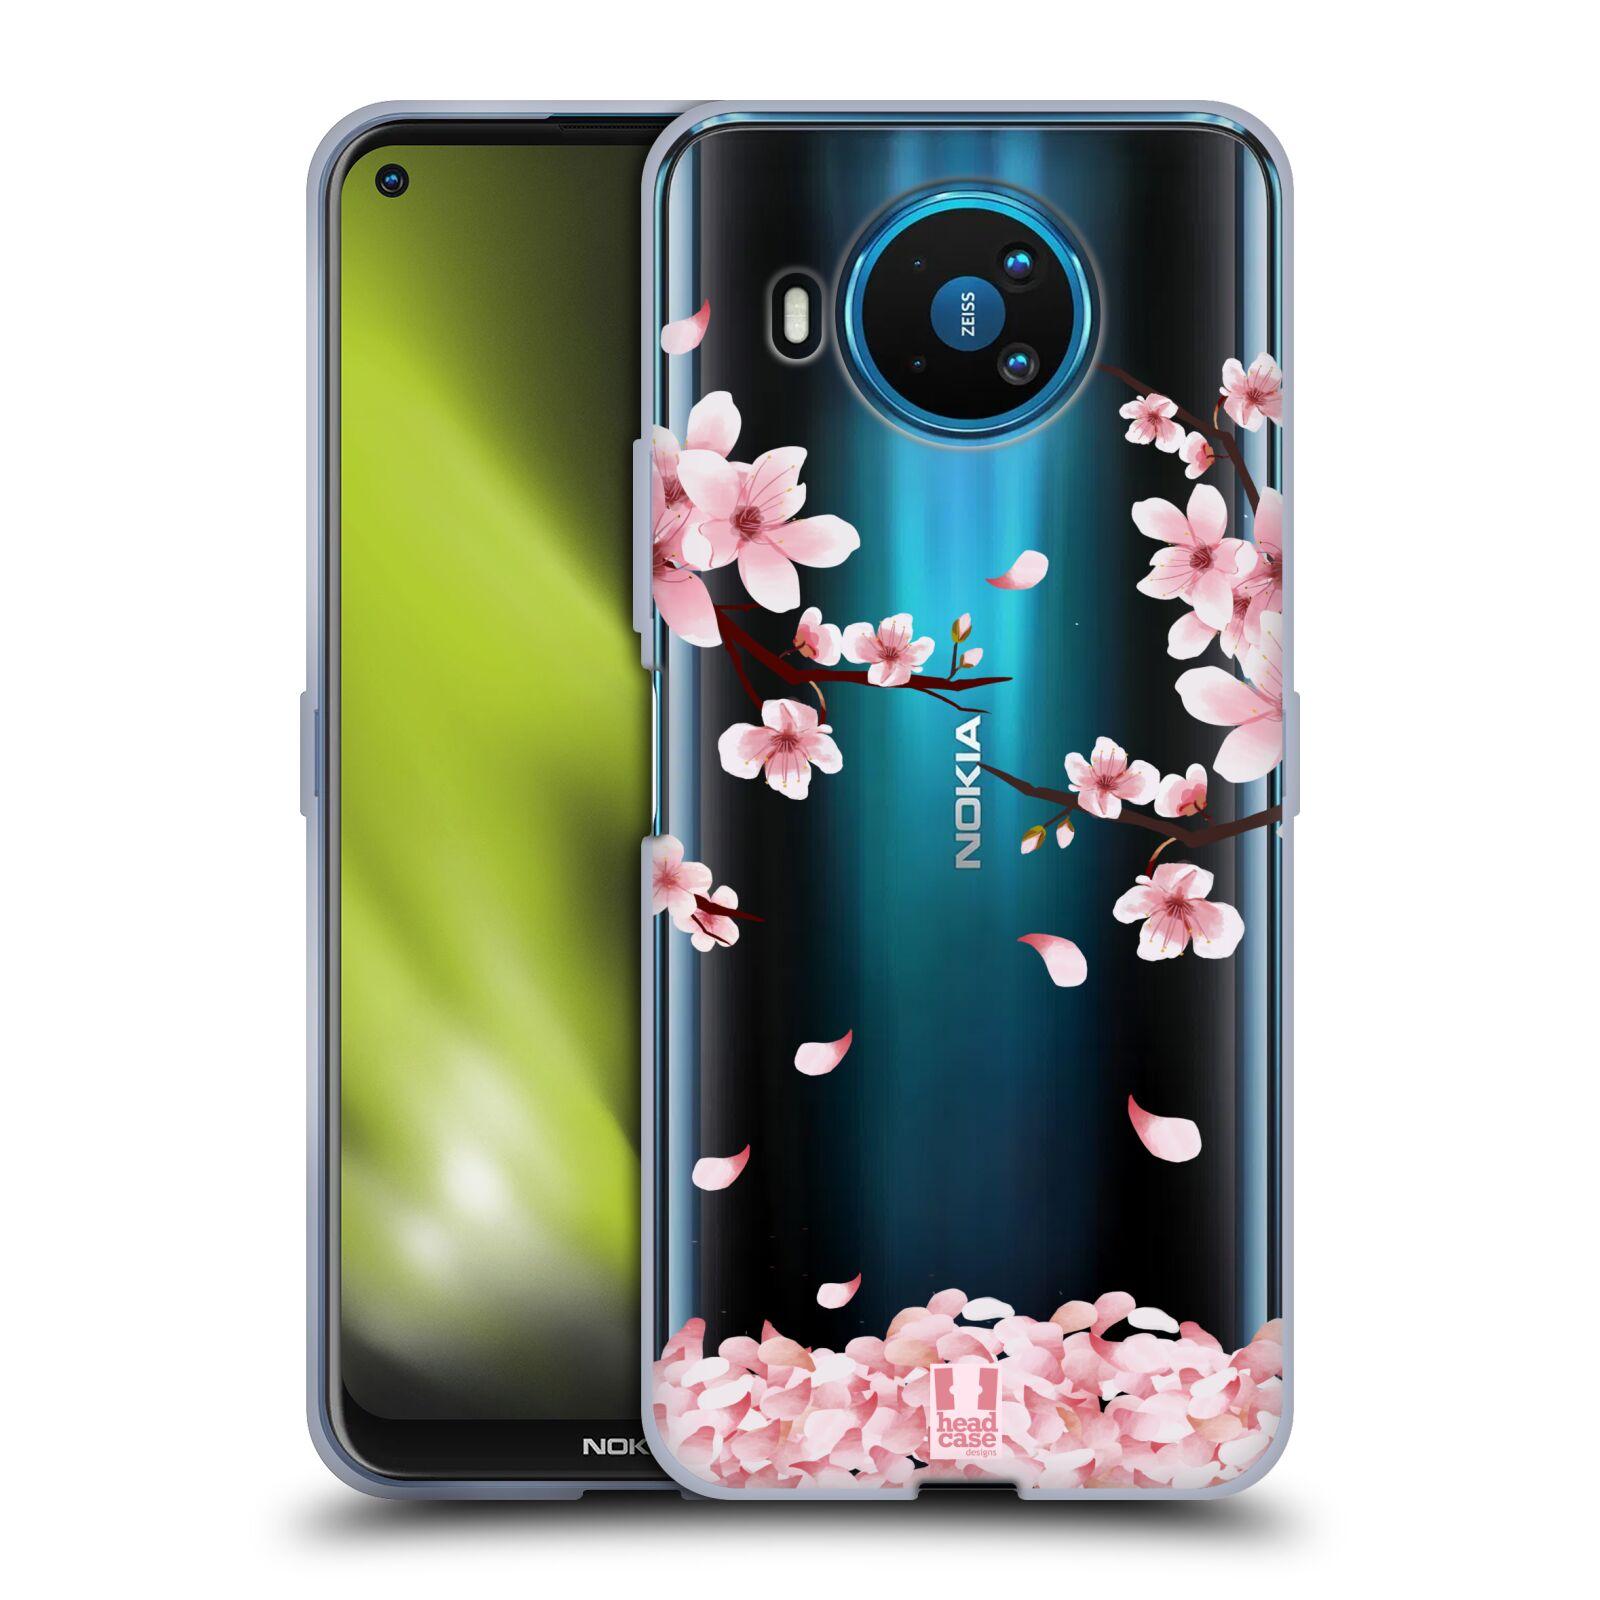 Silikonové pouzdro na mobil Nokia 8.3 5G - Head Case - Květy a větvičky